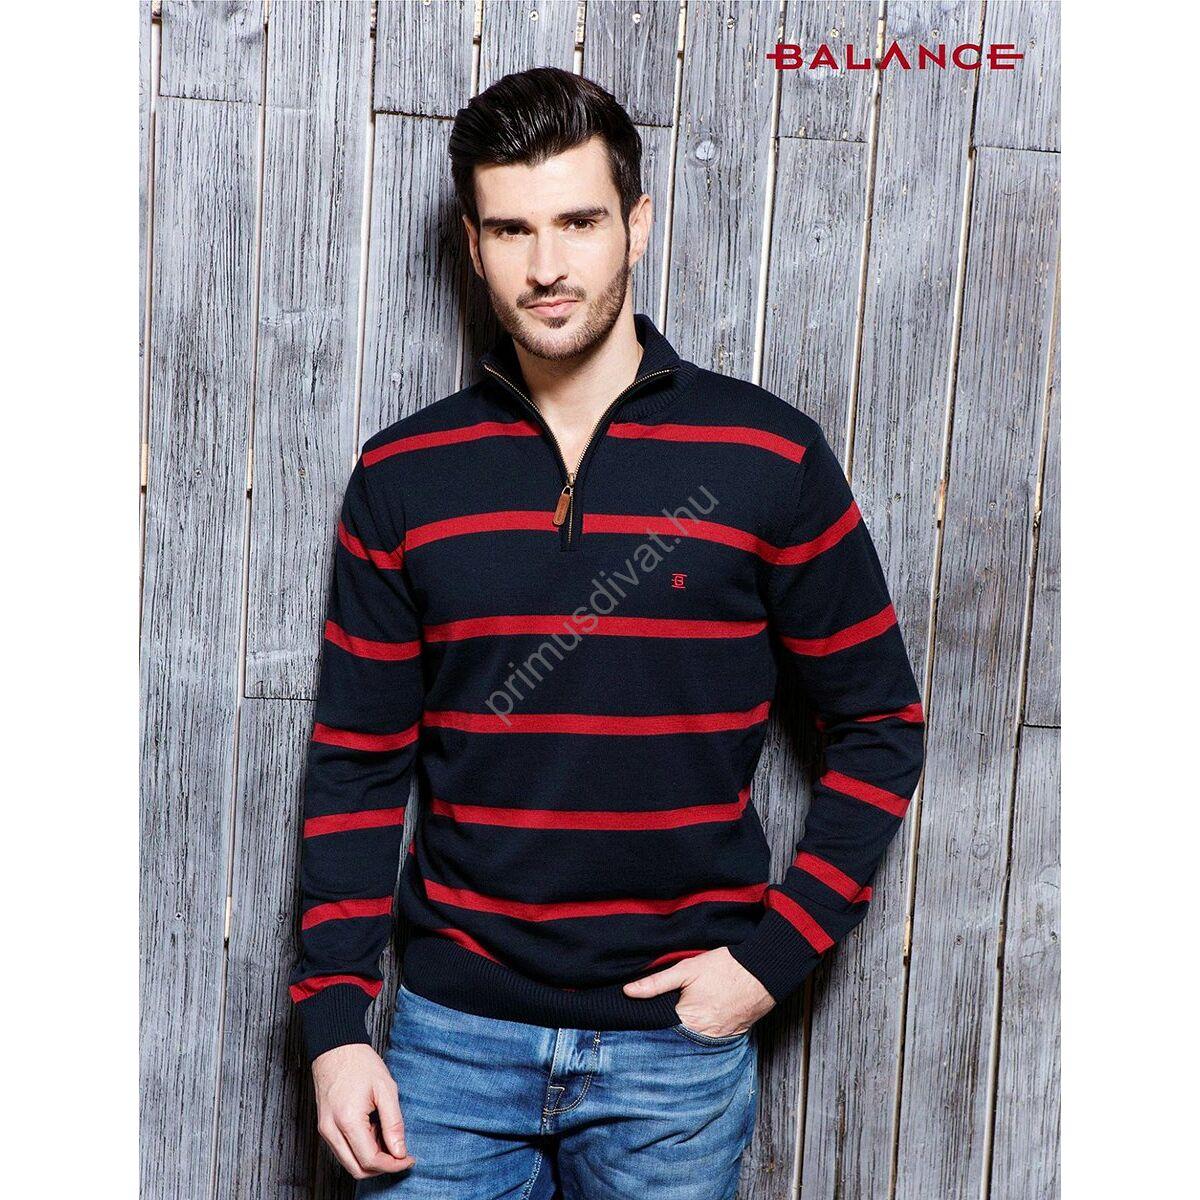 1364fb3019 Kép 1/3 - Balance cipzáras nyakú, kék-piros csíkos vékony kötött pamut  pulóver